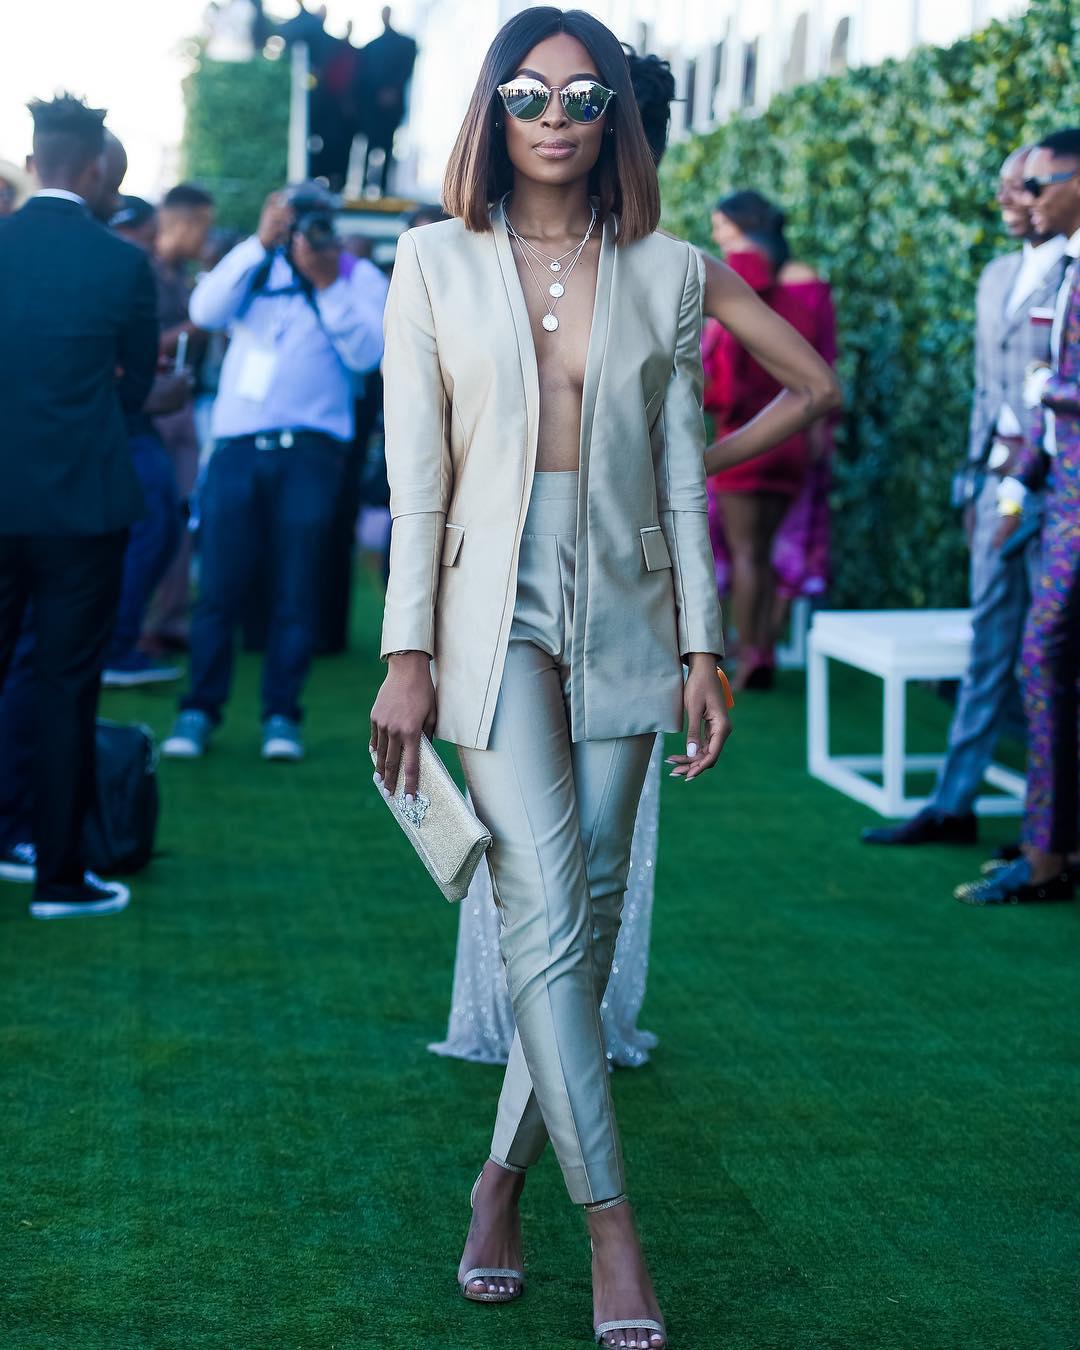 Fashion Style July 2018